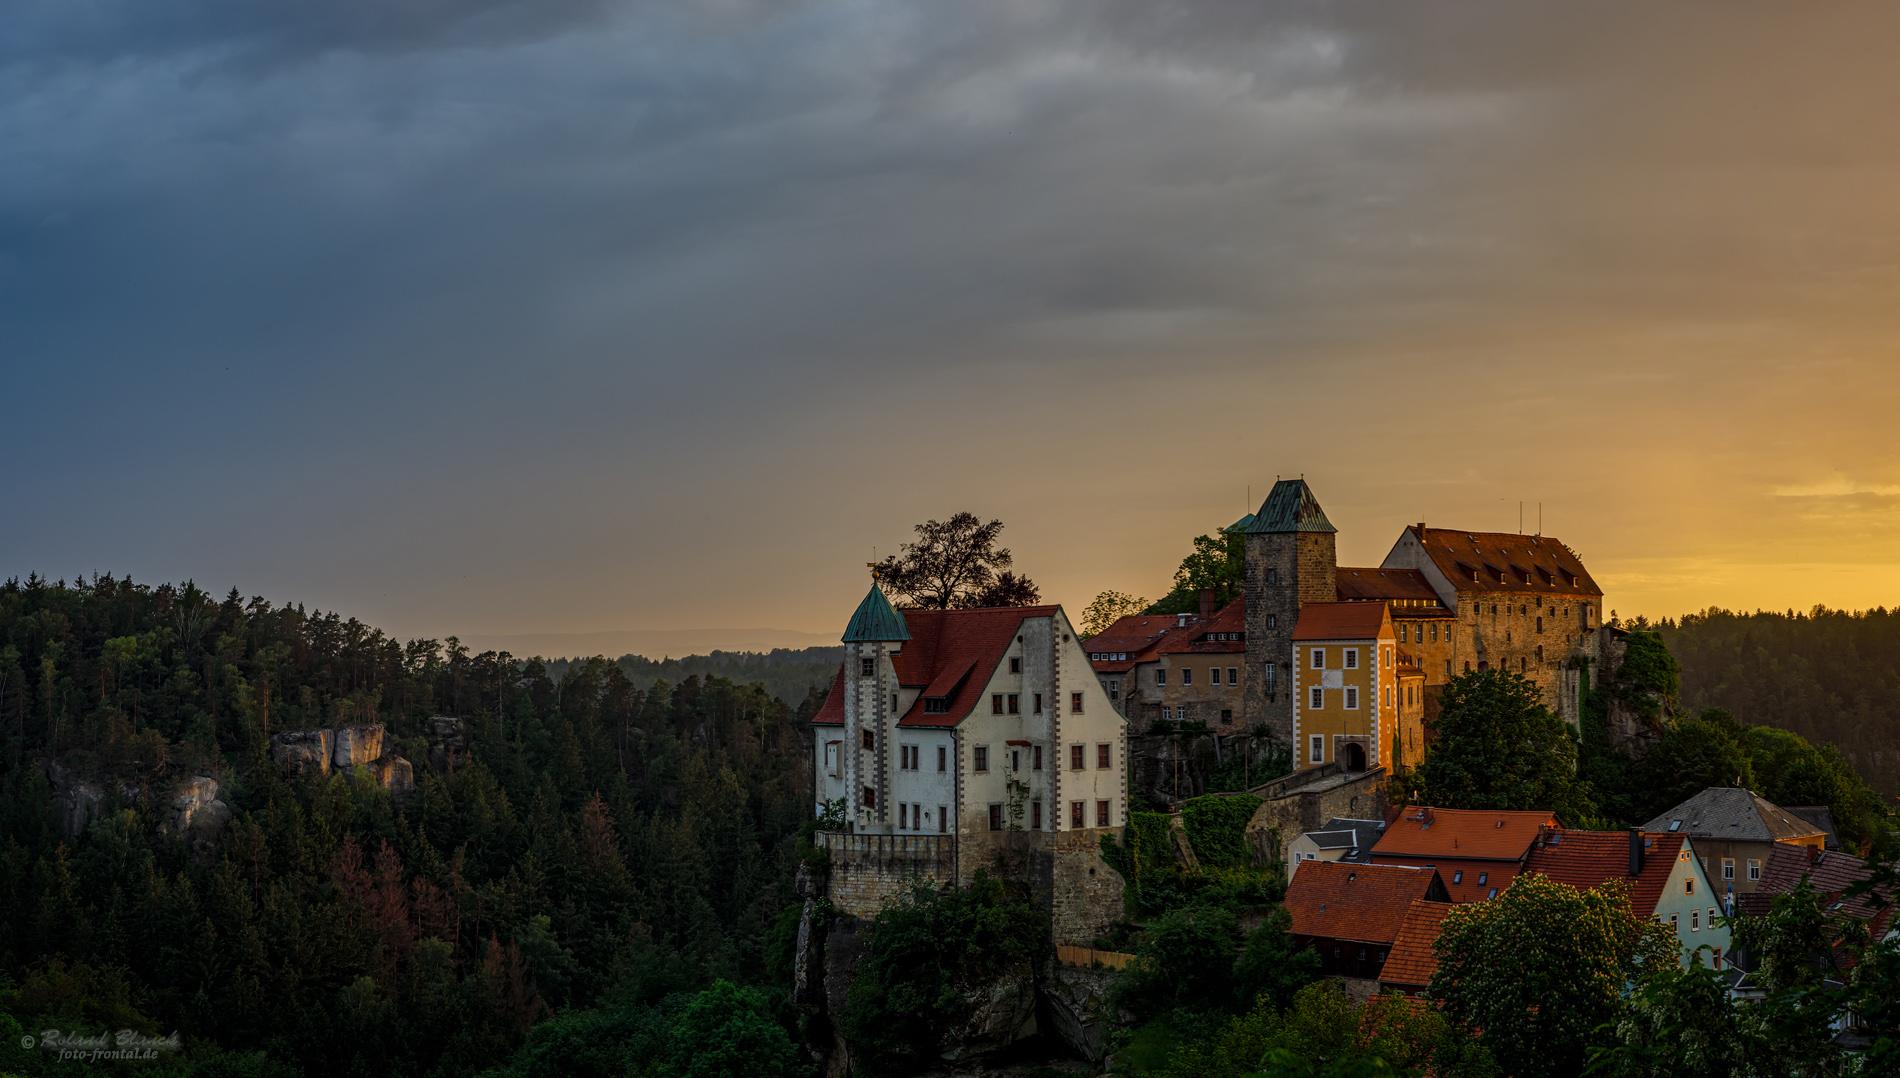 Burg Hohnstein im Abendlicht